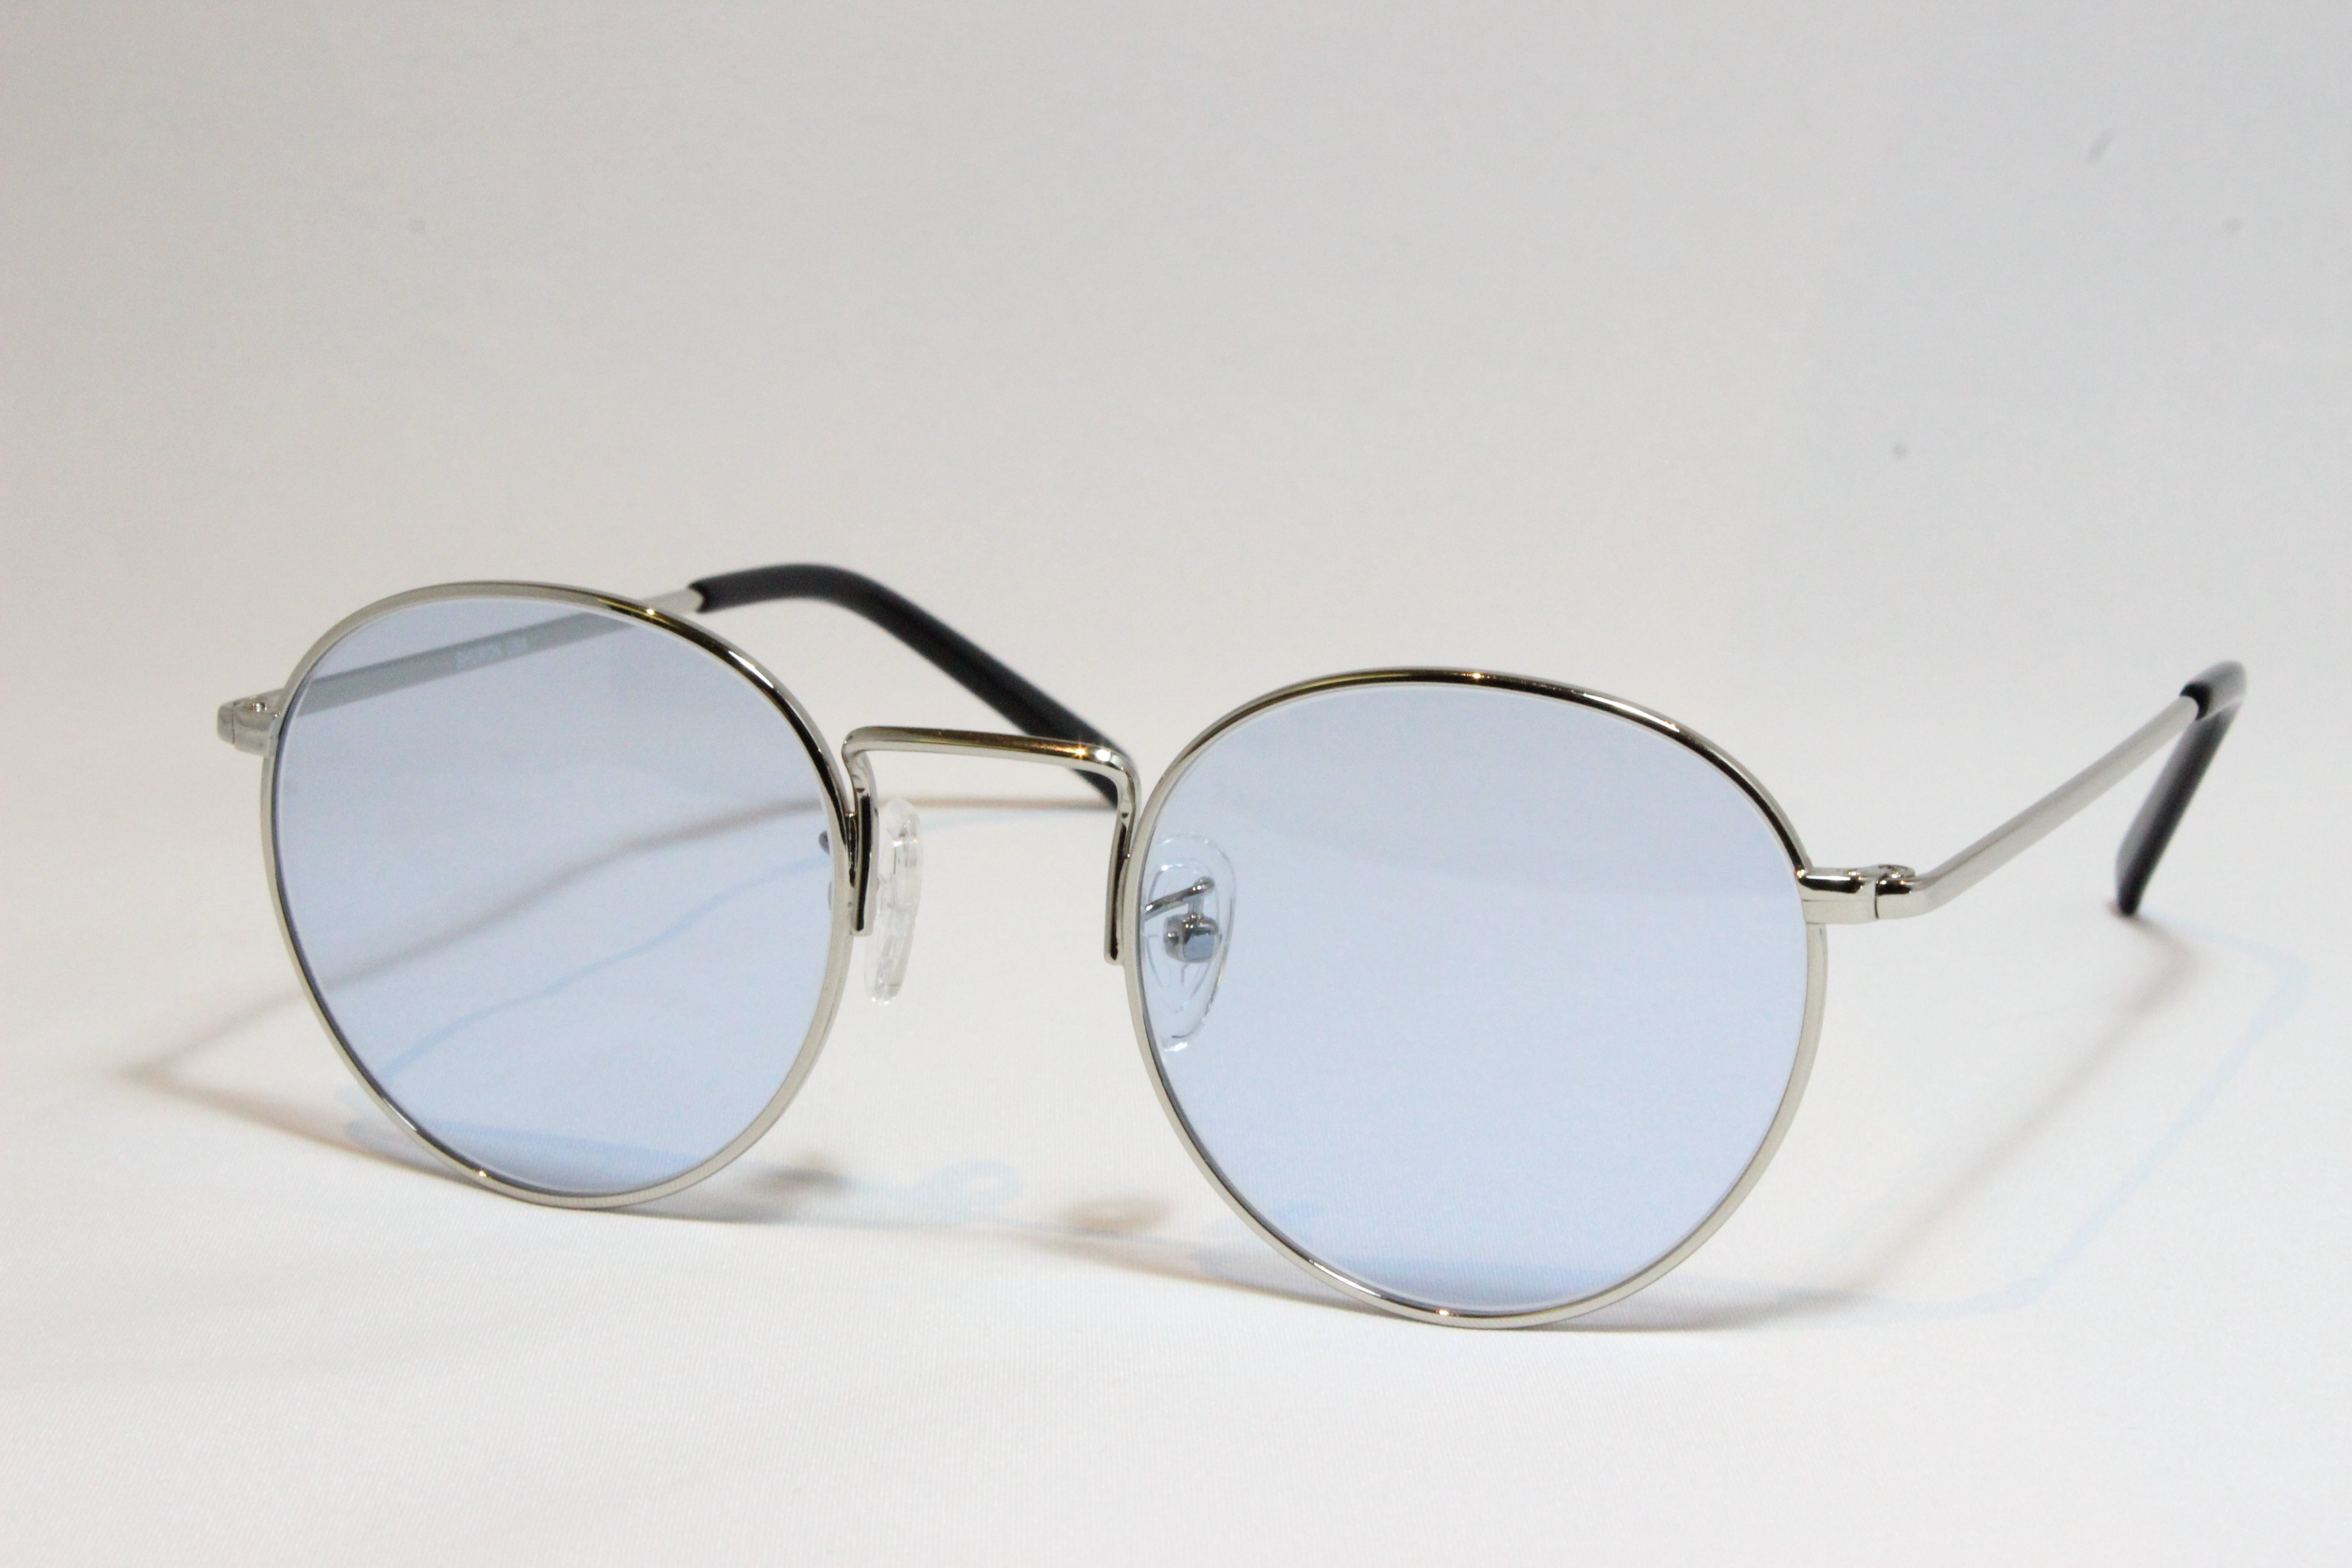 【送料無料】SHURON(シュロン) RONSTRONG (Silver/Blue) size 48.